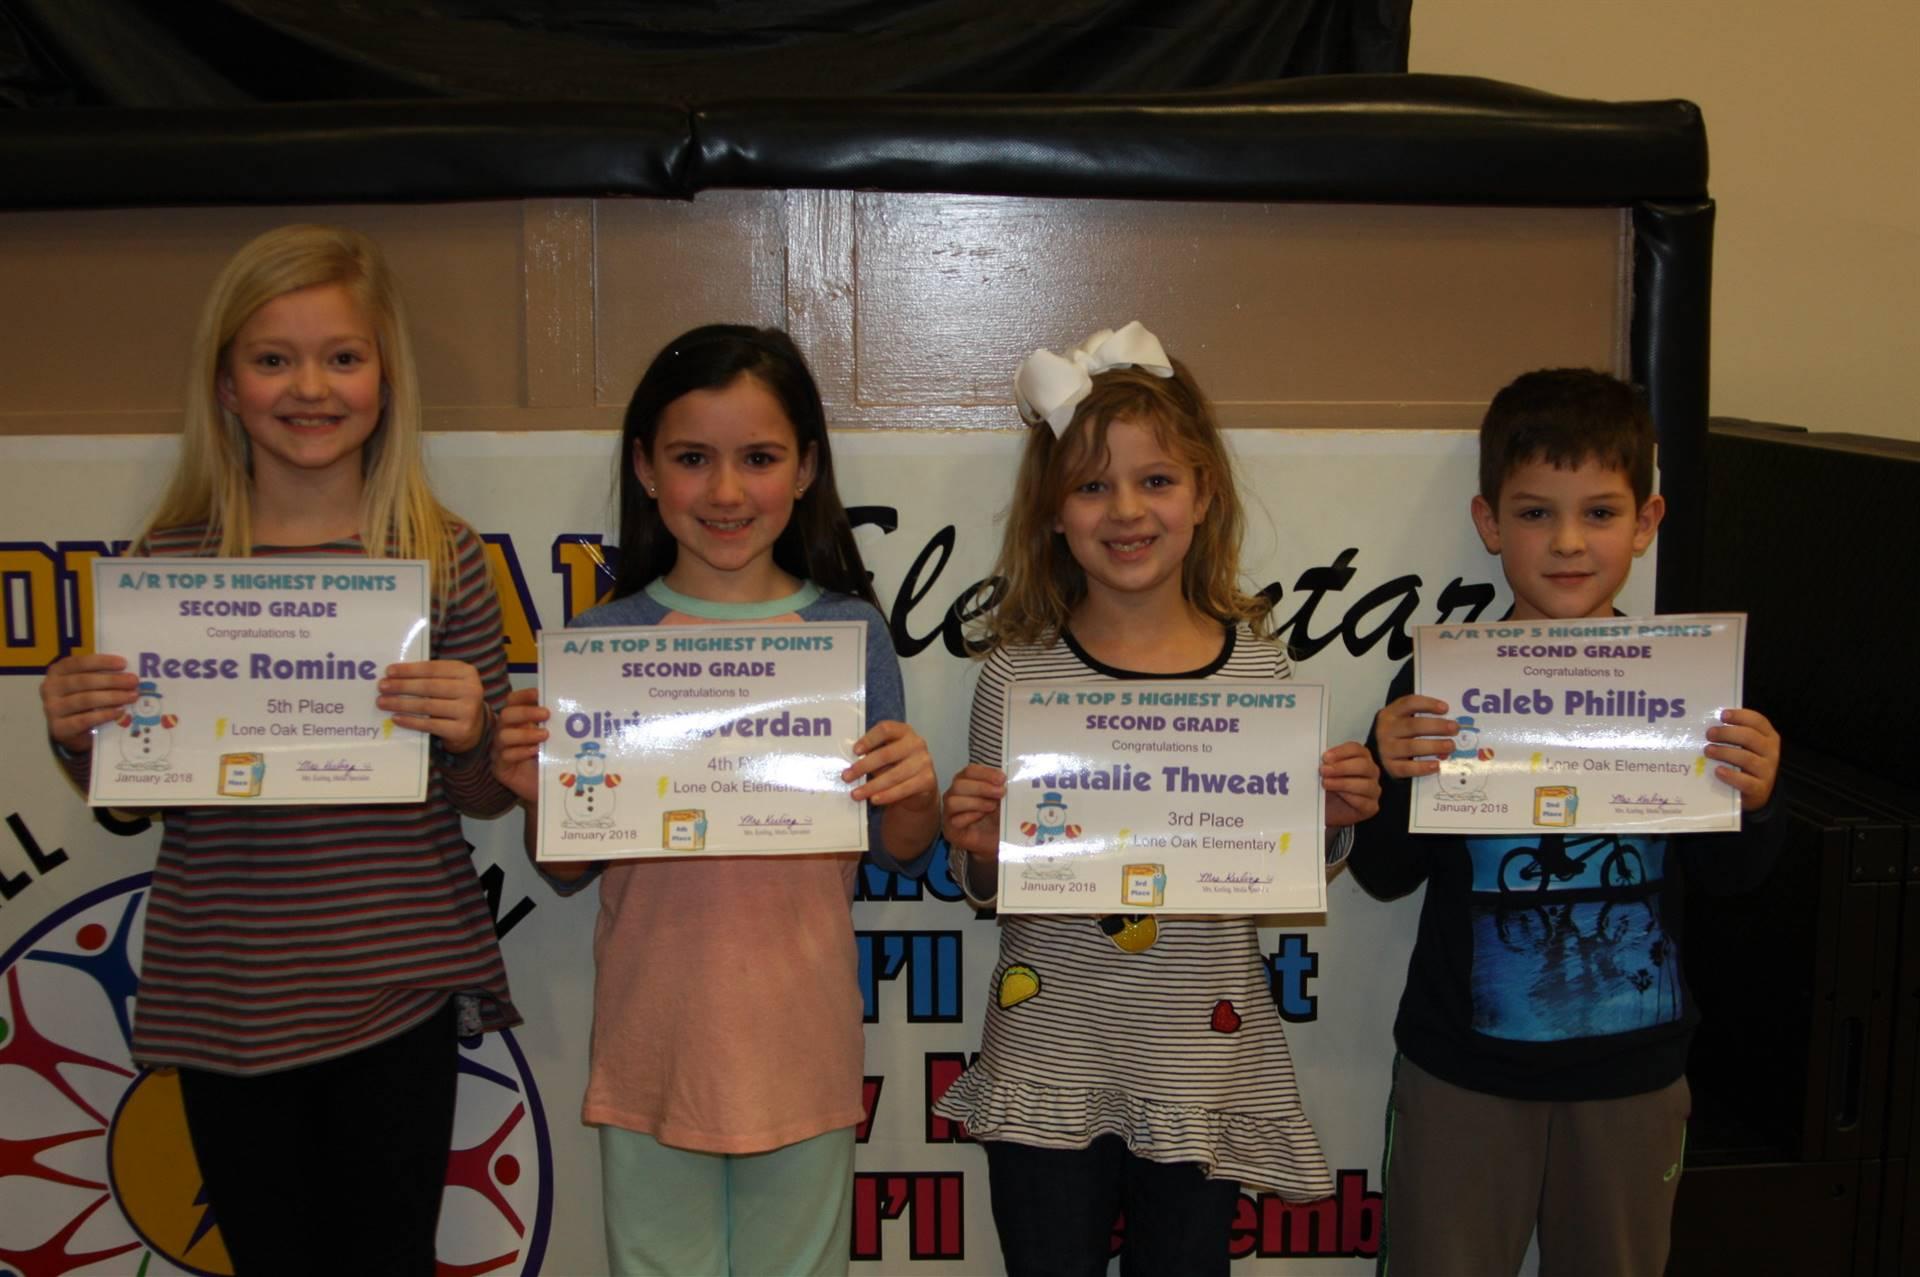 2nd Grade AR Awards